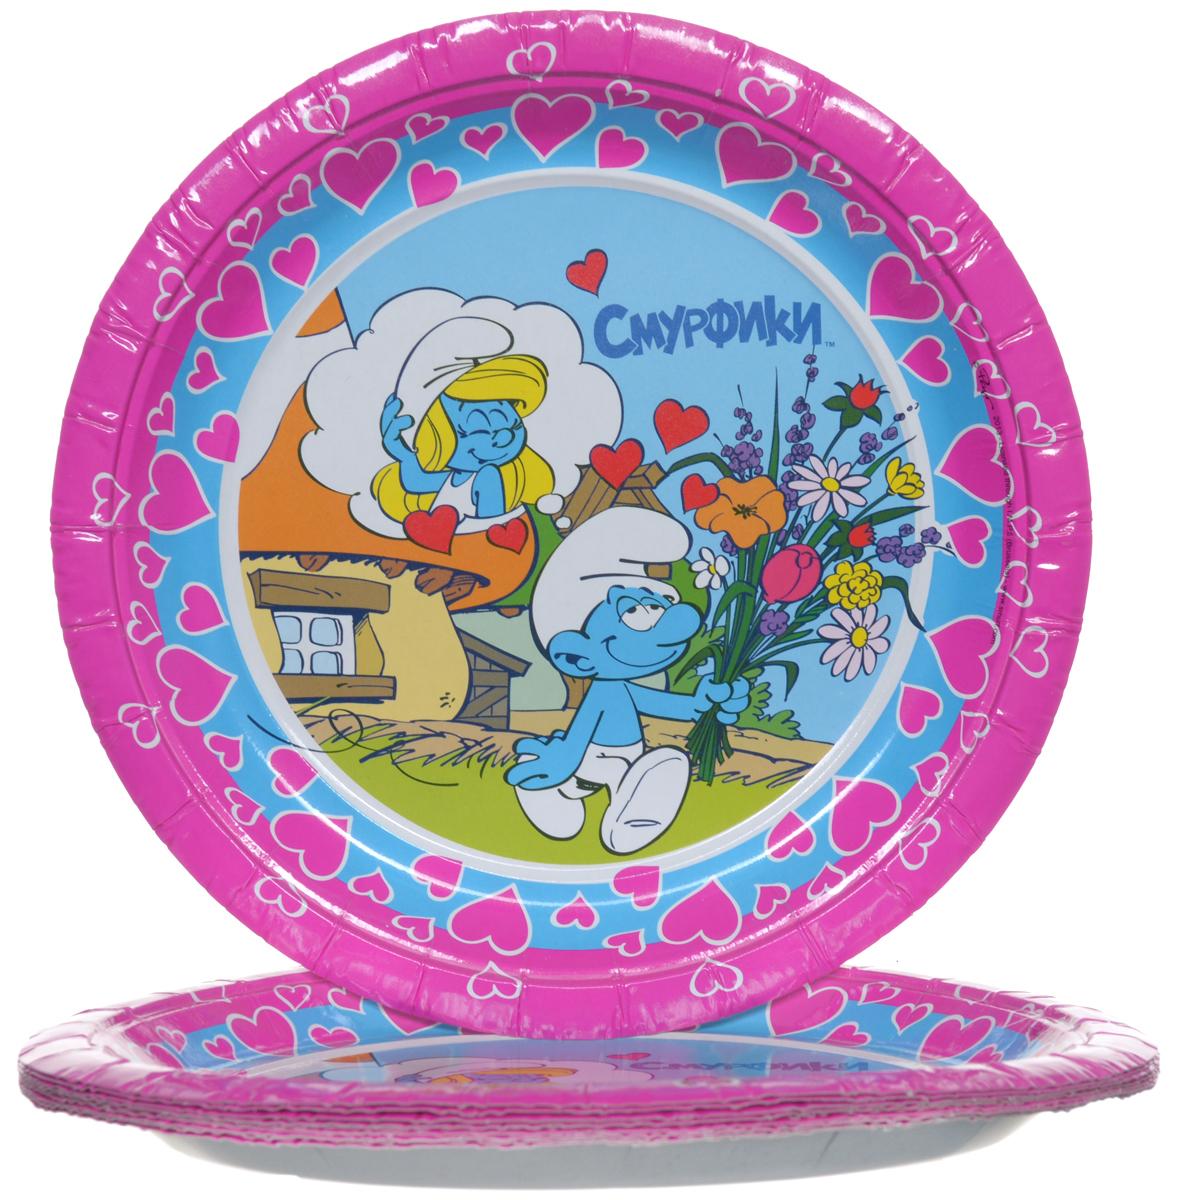 Смурфики Набор одноразовых тарелок цвет розовый 10 шт 23644